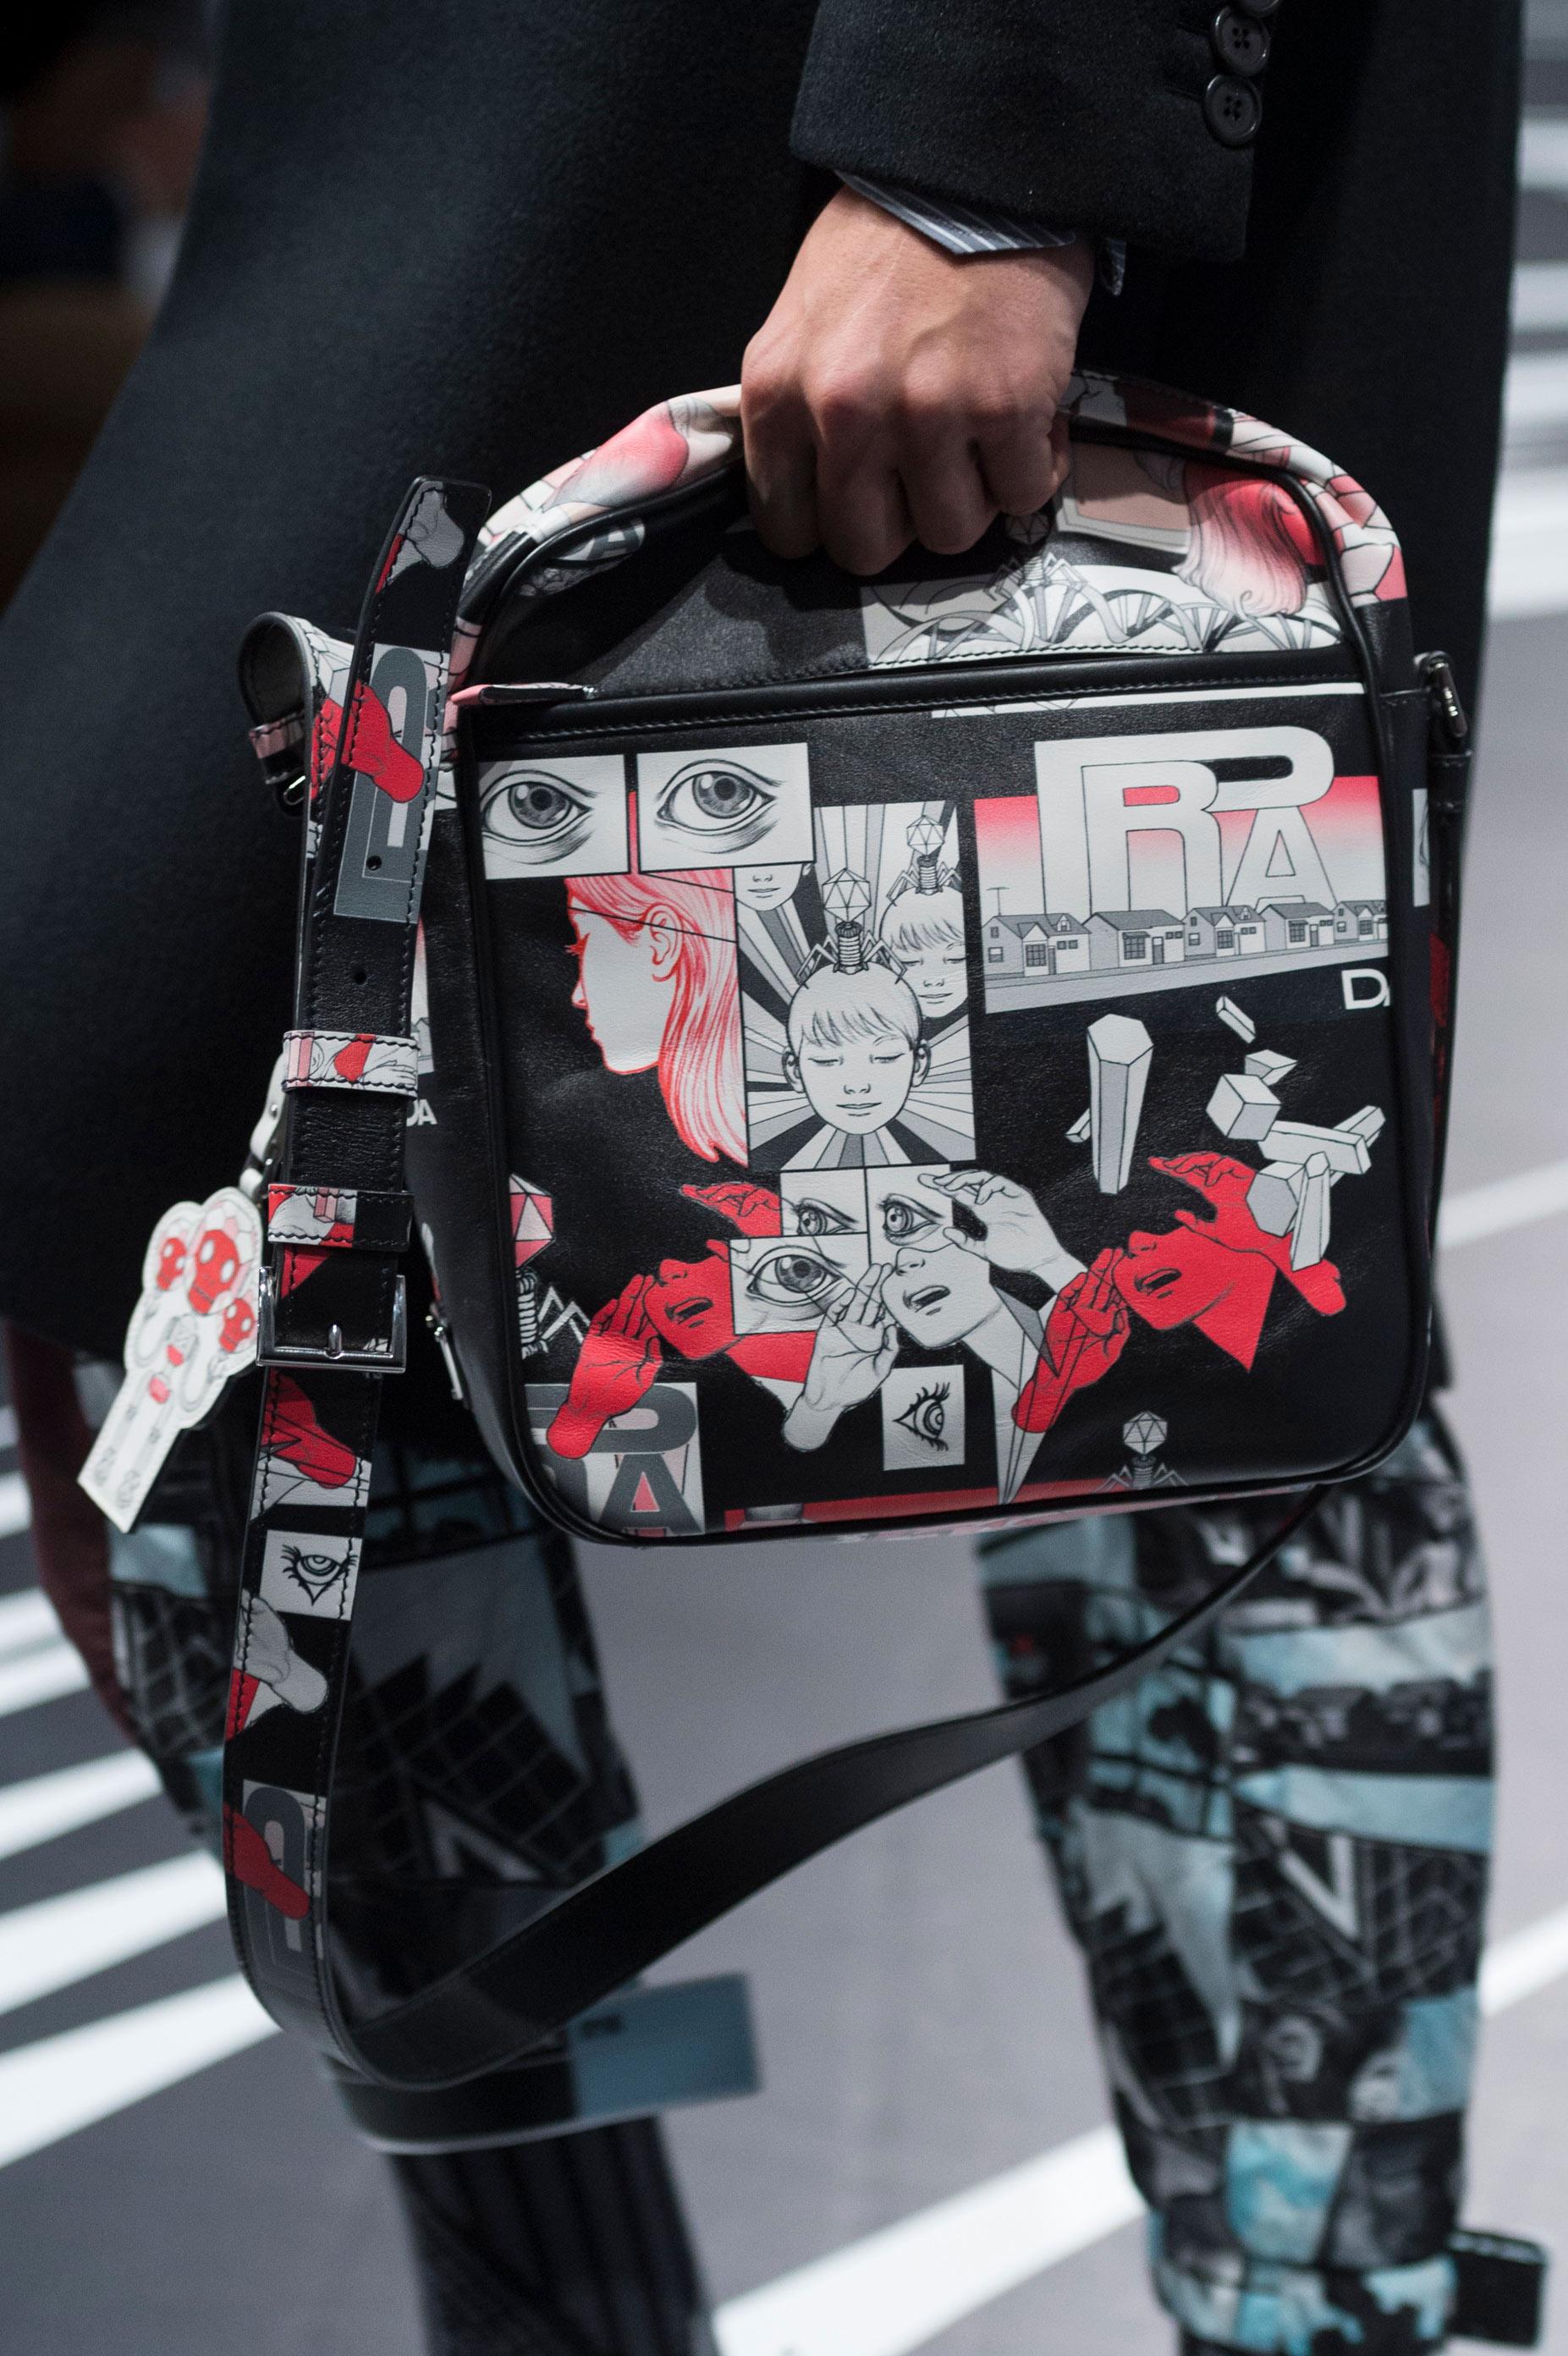 El negro, el rojo y el blanco, también protagonistas de los cómics-diseños de Prada. Foto: WGSN.